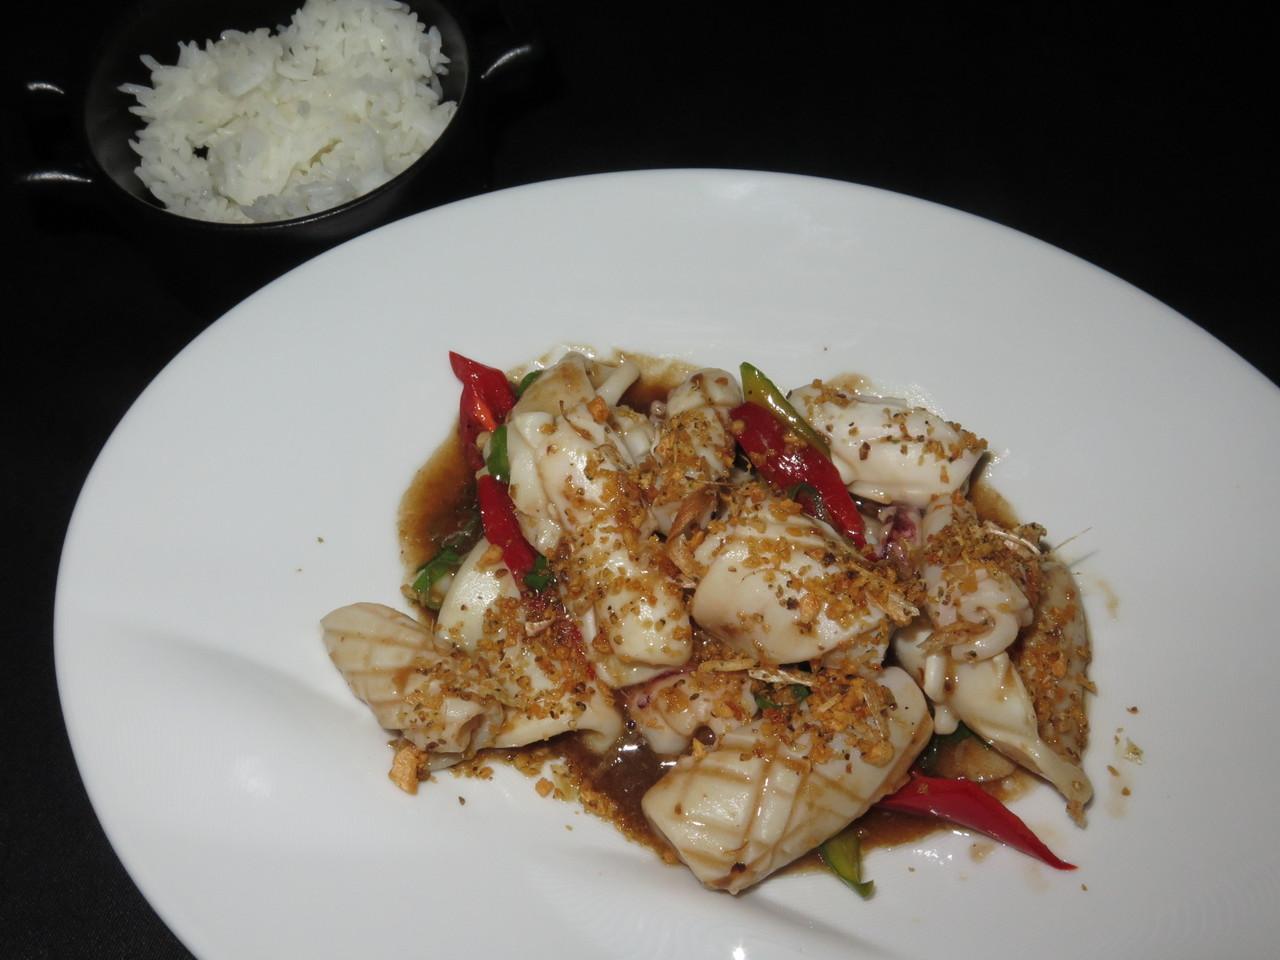 Pla - Meuk - Tod - Gratiam - Prik Thai | Lula frita com molho de alho e pimenta